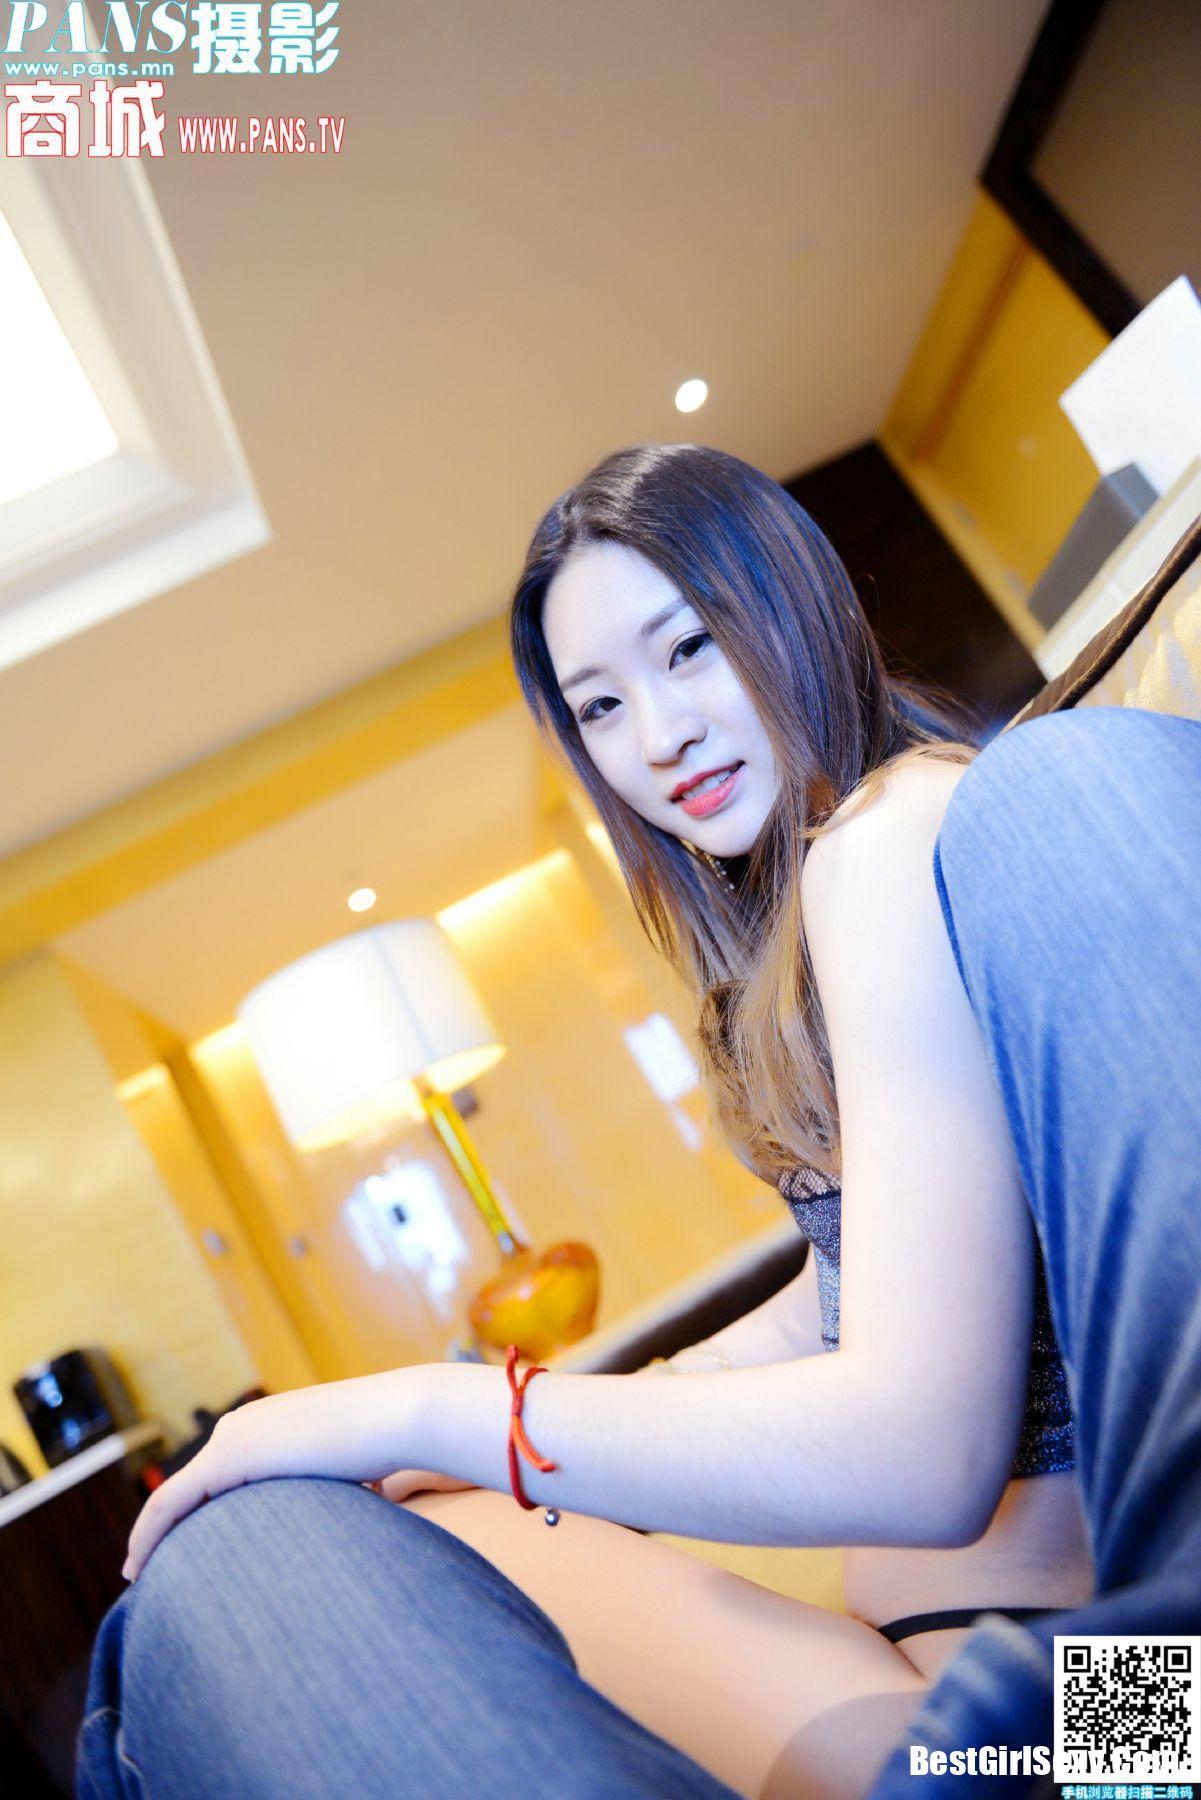 淘淘, Tao Tao, PANS写真 No.1329 Tao Tao, PANS写真 No.1329